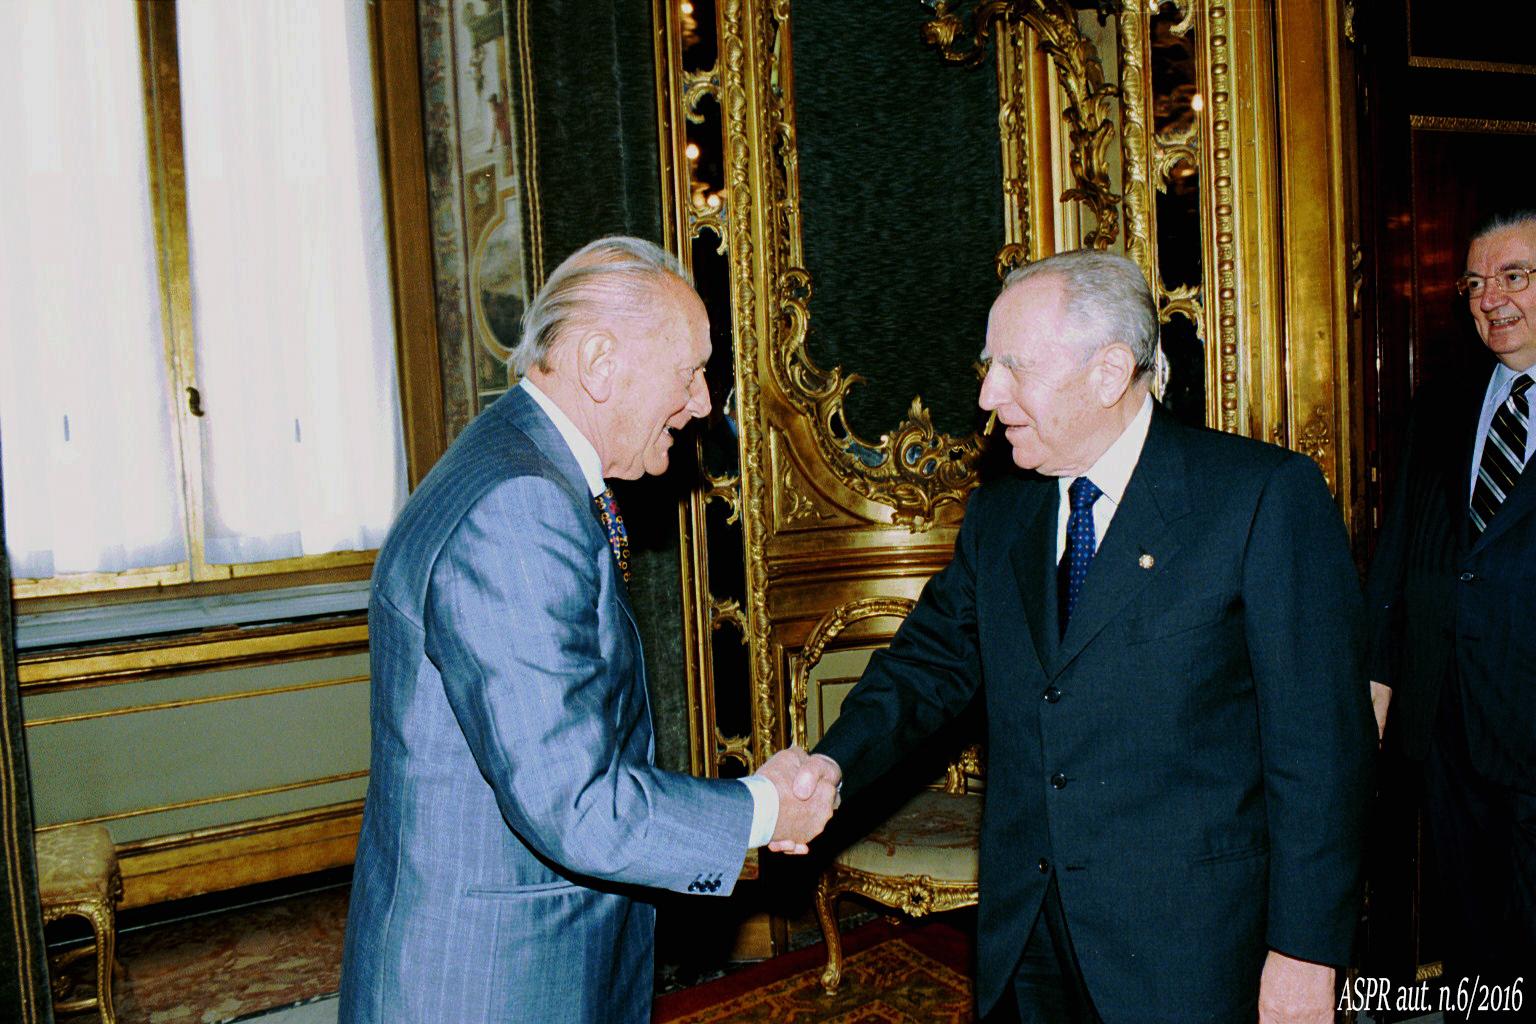 Quirinale 23-10-2000 - Pres. Ciampi con Nostini(ASPR archivio fotografico settennato Ciampi foton.2)